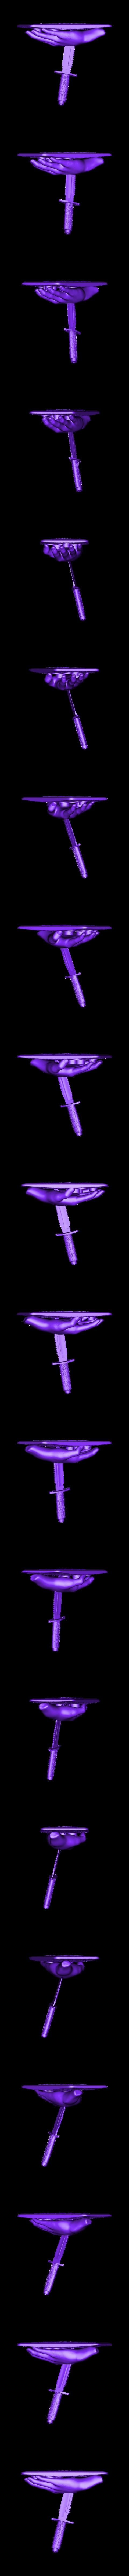 Knife stl.stl Download OBJ file knife • 3D print design, walades